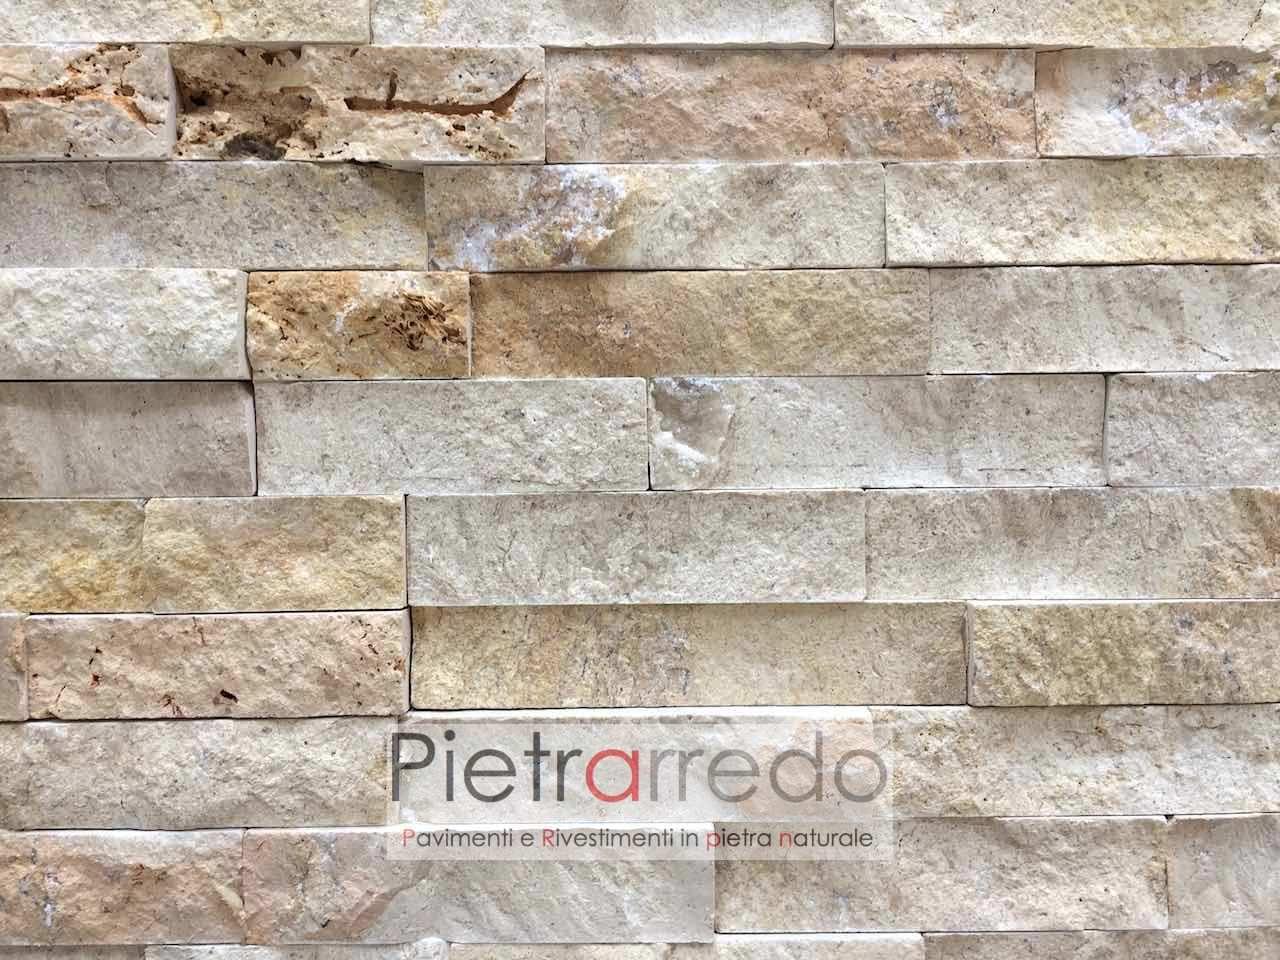 Rivestimento in pietra travertino 50 offerta 66 mq - Rivestimenti per esterno in pietra ...